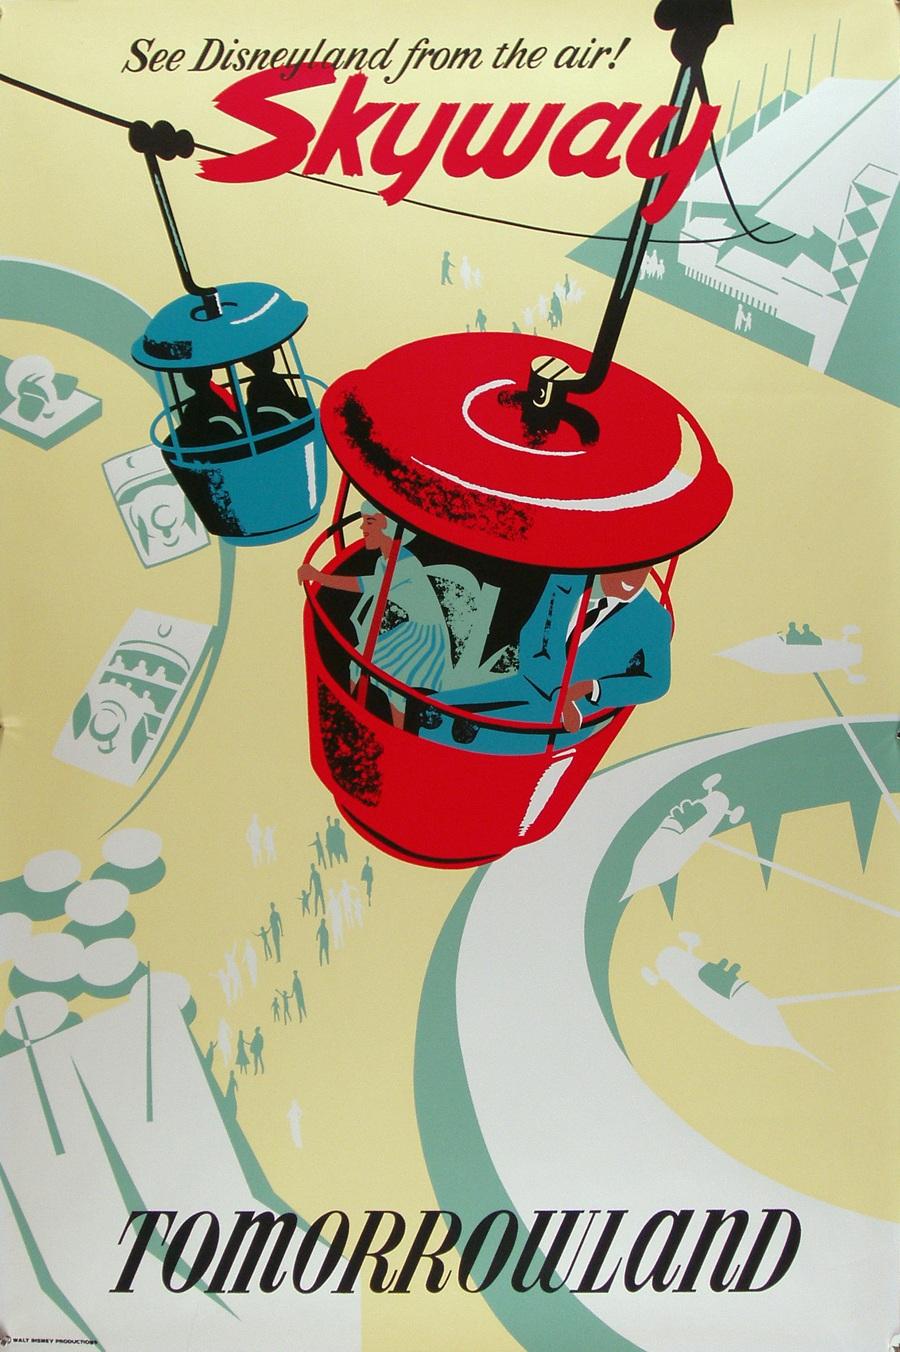 affiche vintage disneyland futuriste 05 Affiches vintage pour Disneyland